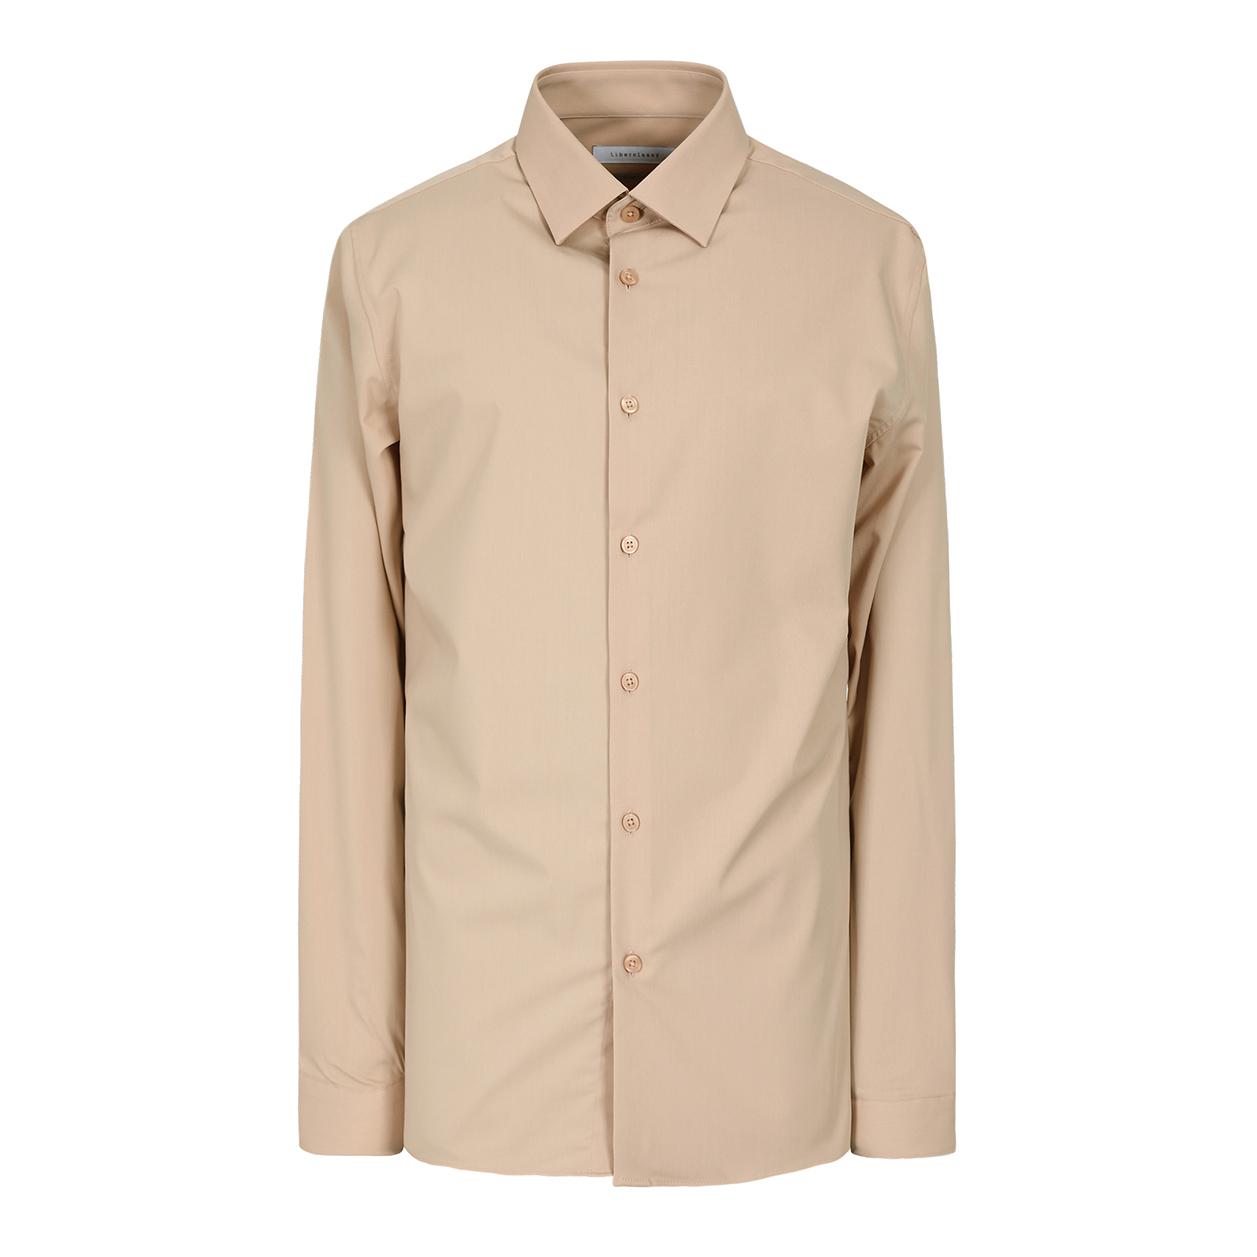 [슬림와이셔츠] 리버클래시 남성용 슬림핏 구김제로 레귤러카라 드레스셔츠 LGW31597BE - 랭킹7위 (27720원)